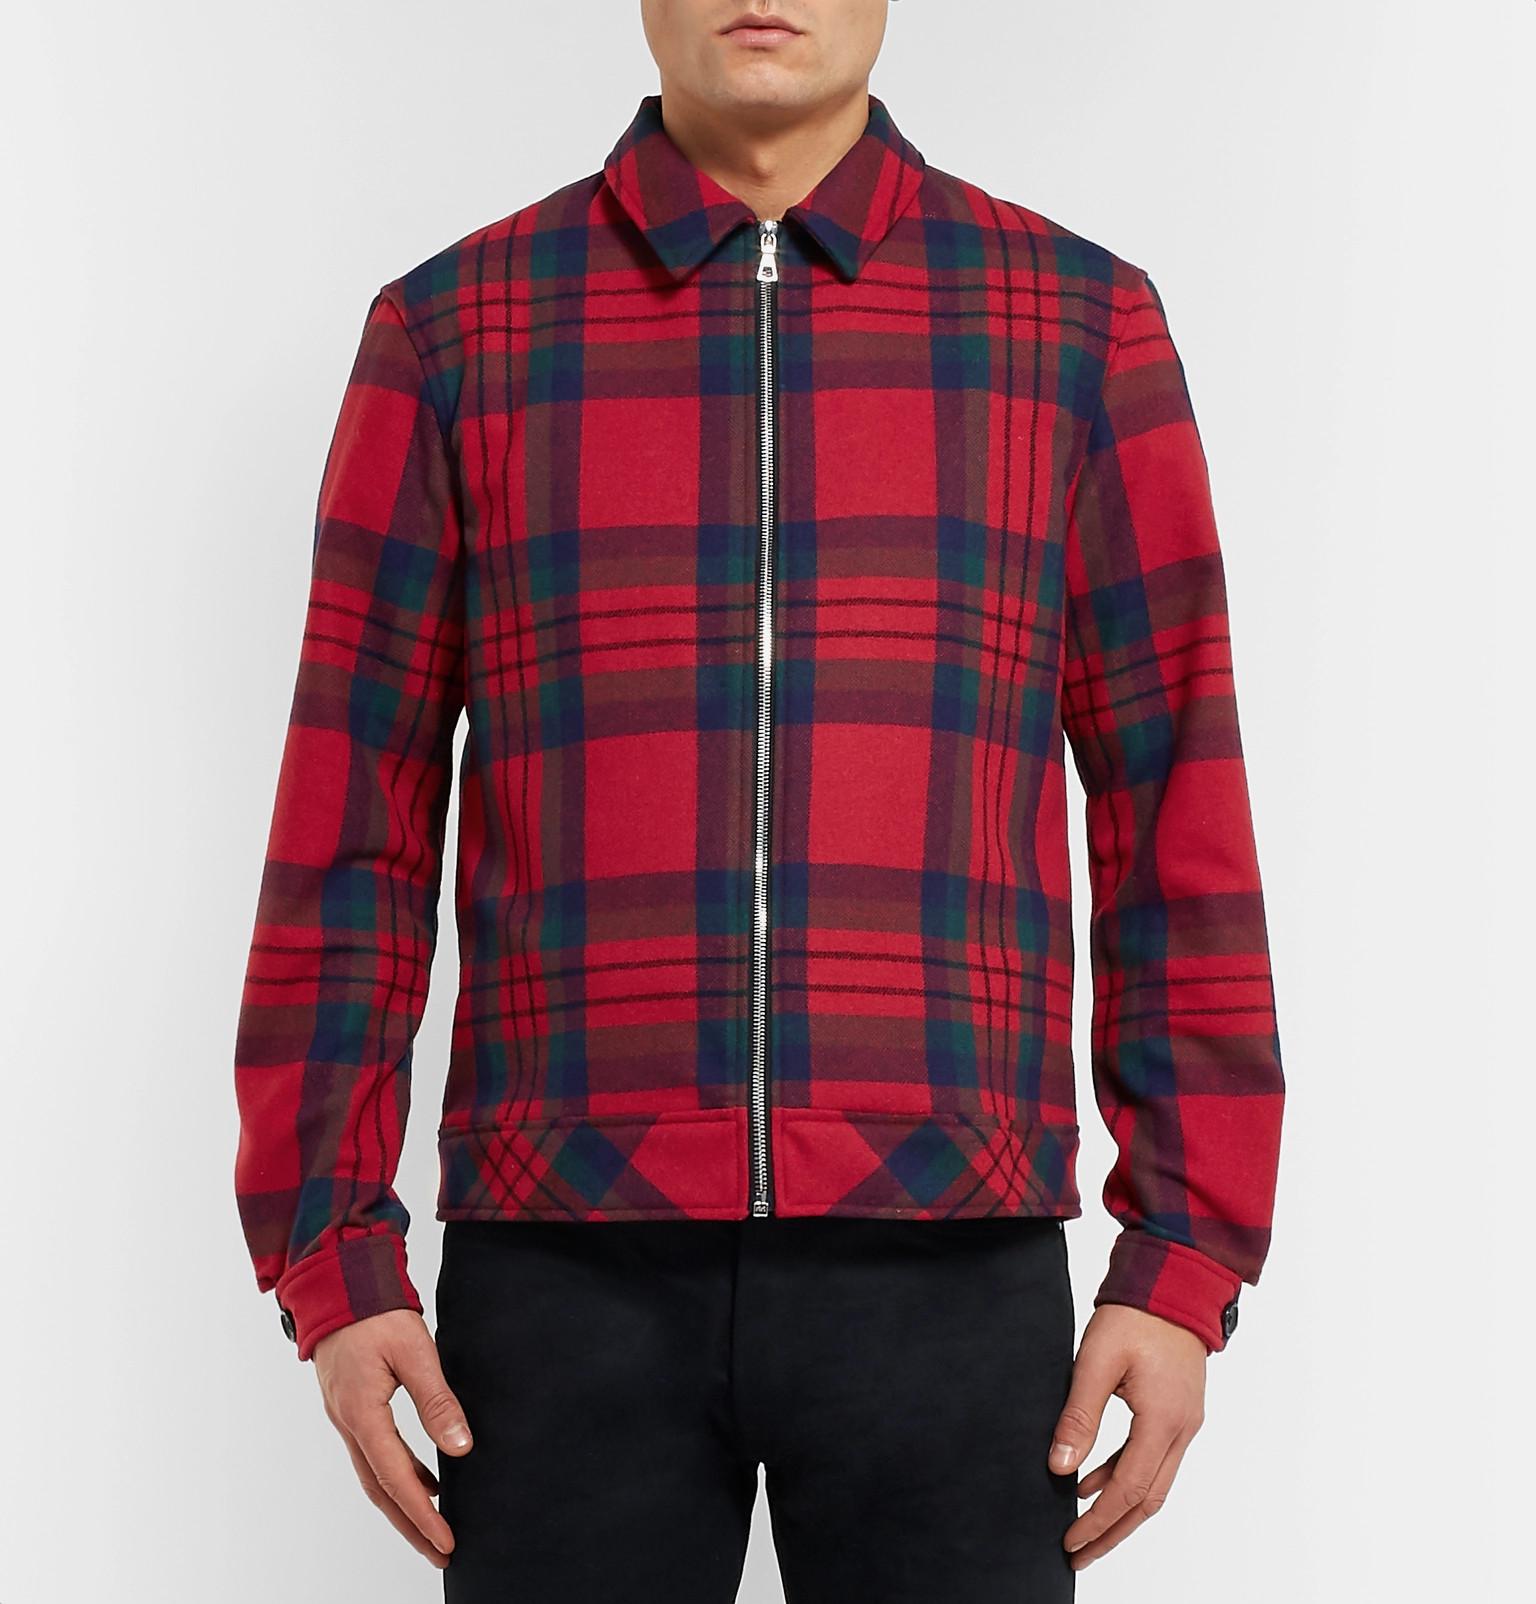 Jacket Wool Elliottchecked Blend John Blouson qwFR5xxI